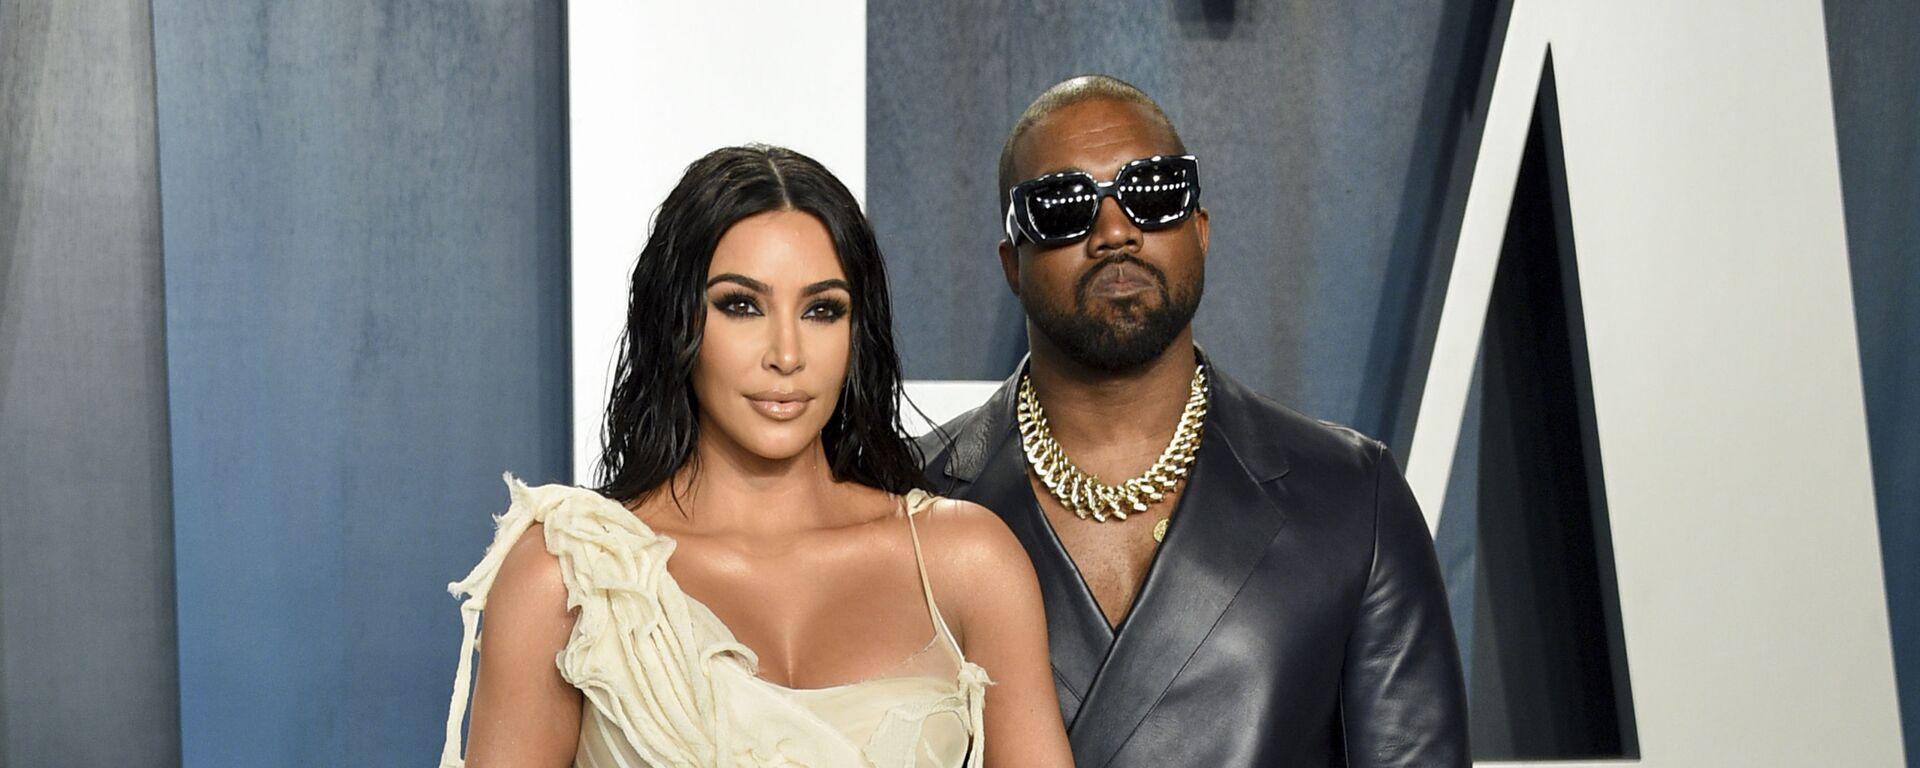 Kim Kardashianová a rapper Kanye West - Sputnik Česká republika, 1920, 06.06.2021